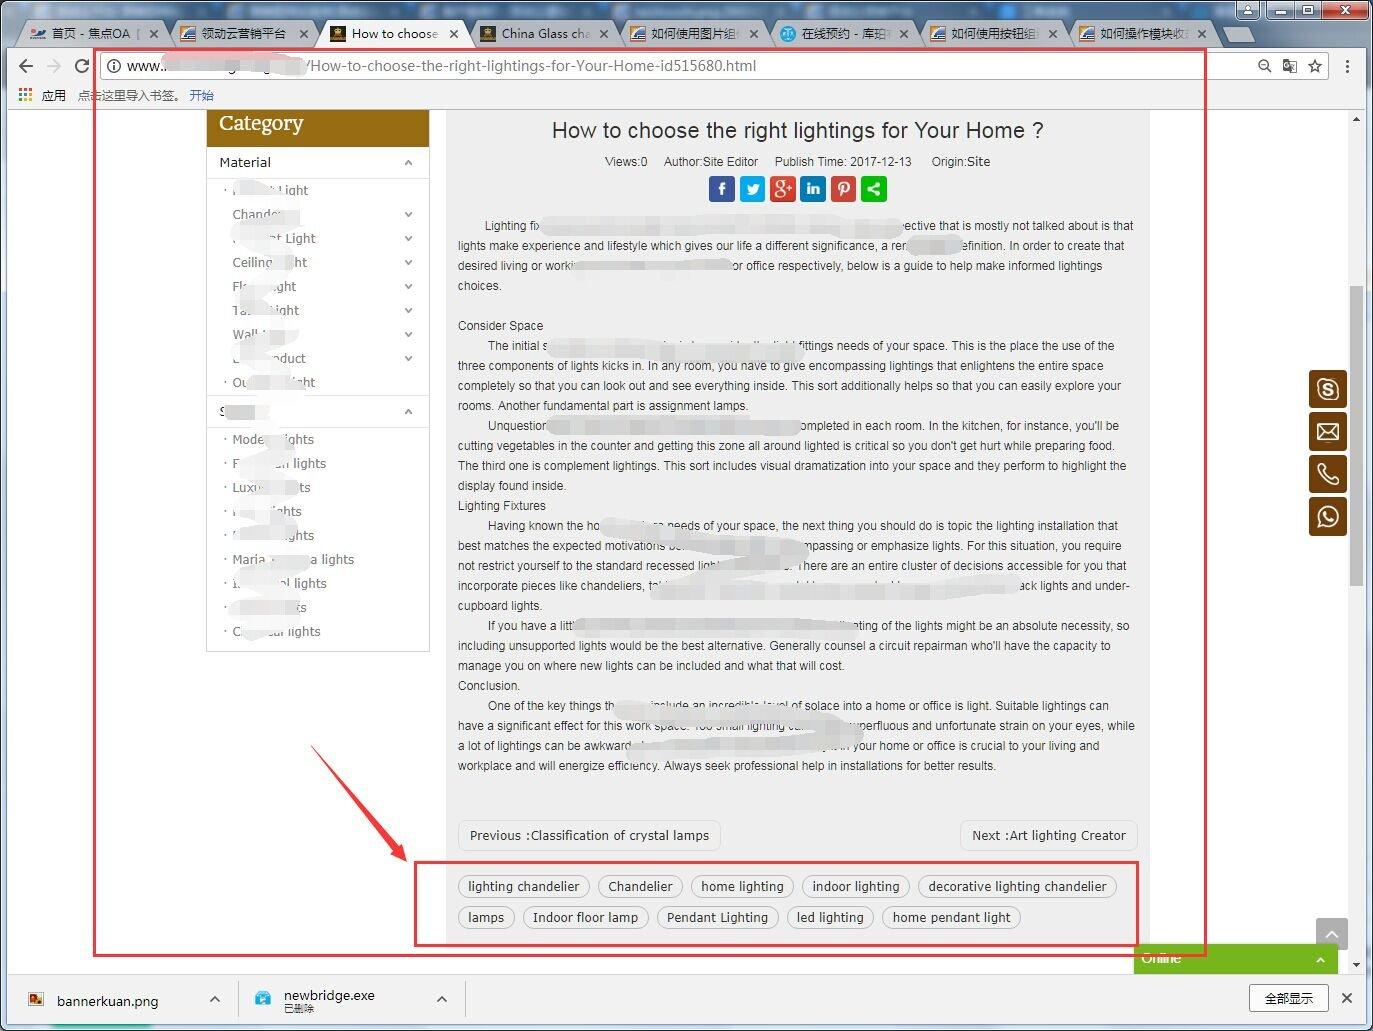 關鍵詞在文章詳情頁面的展示效果